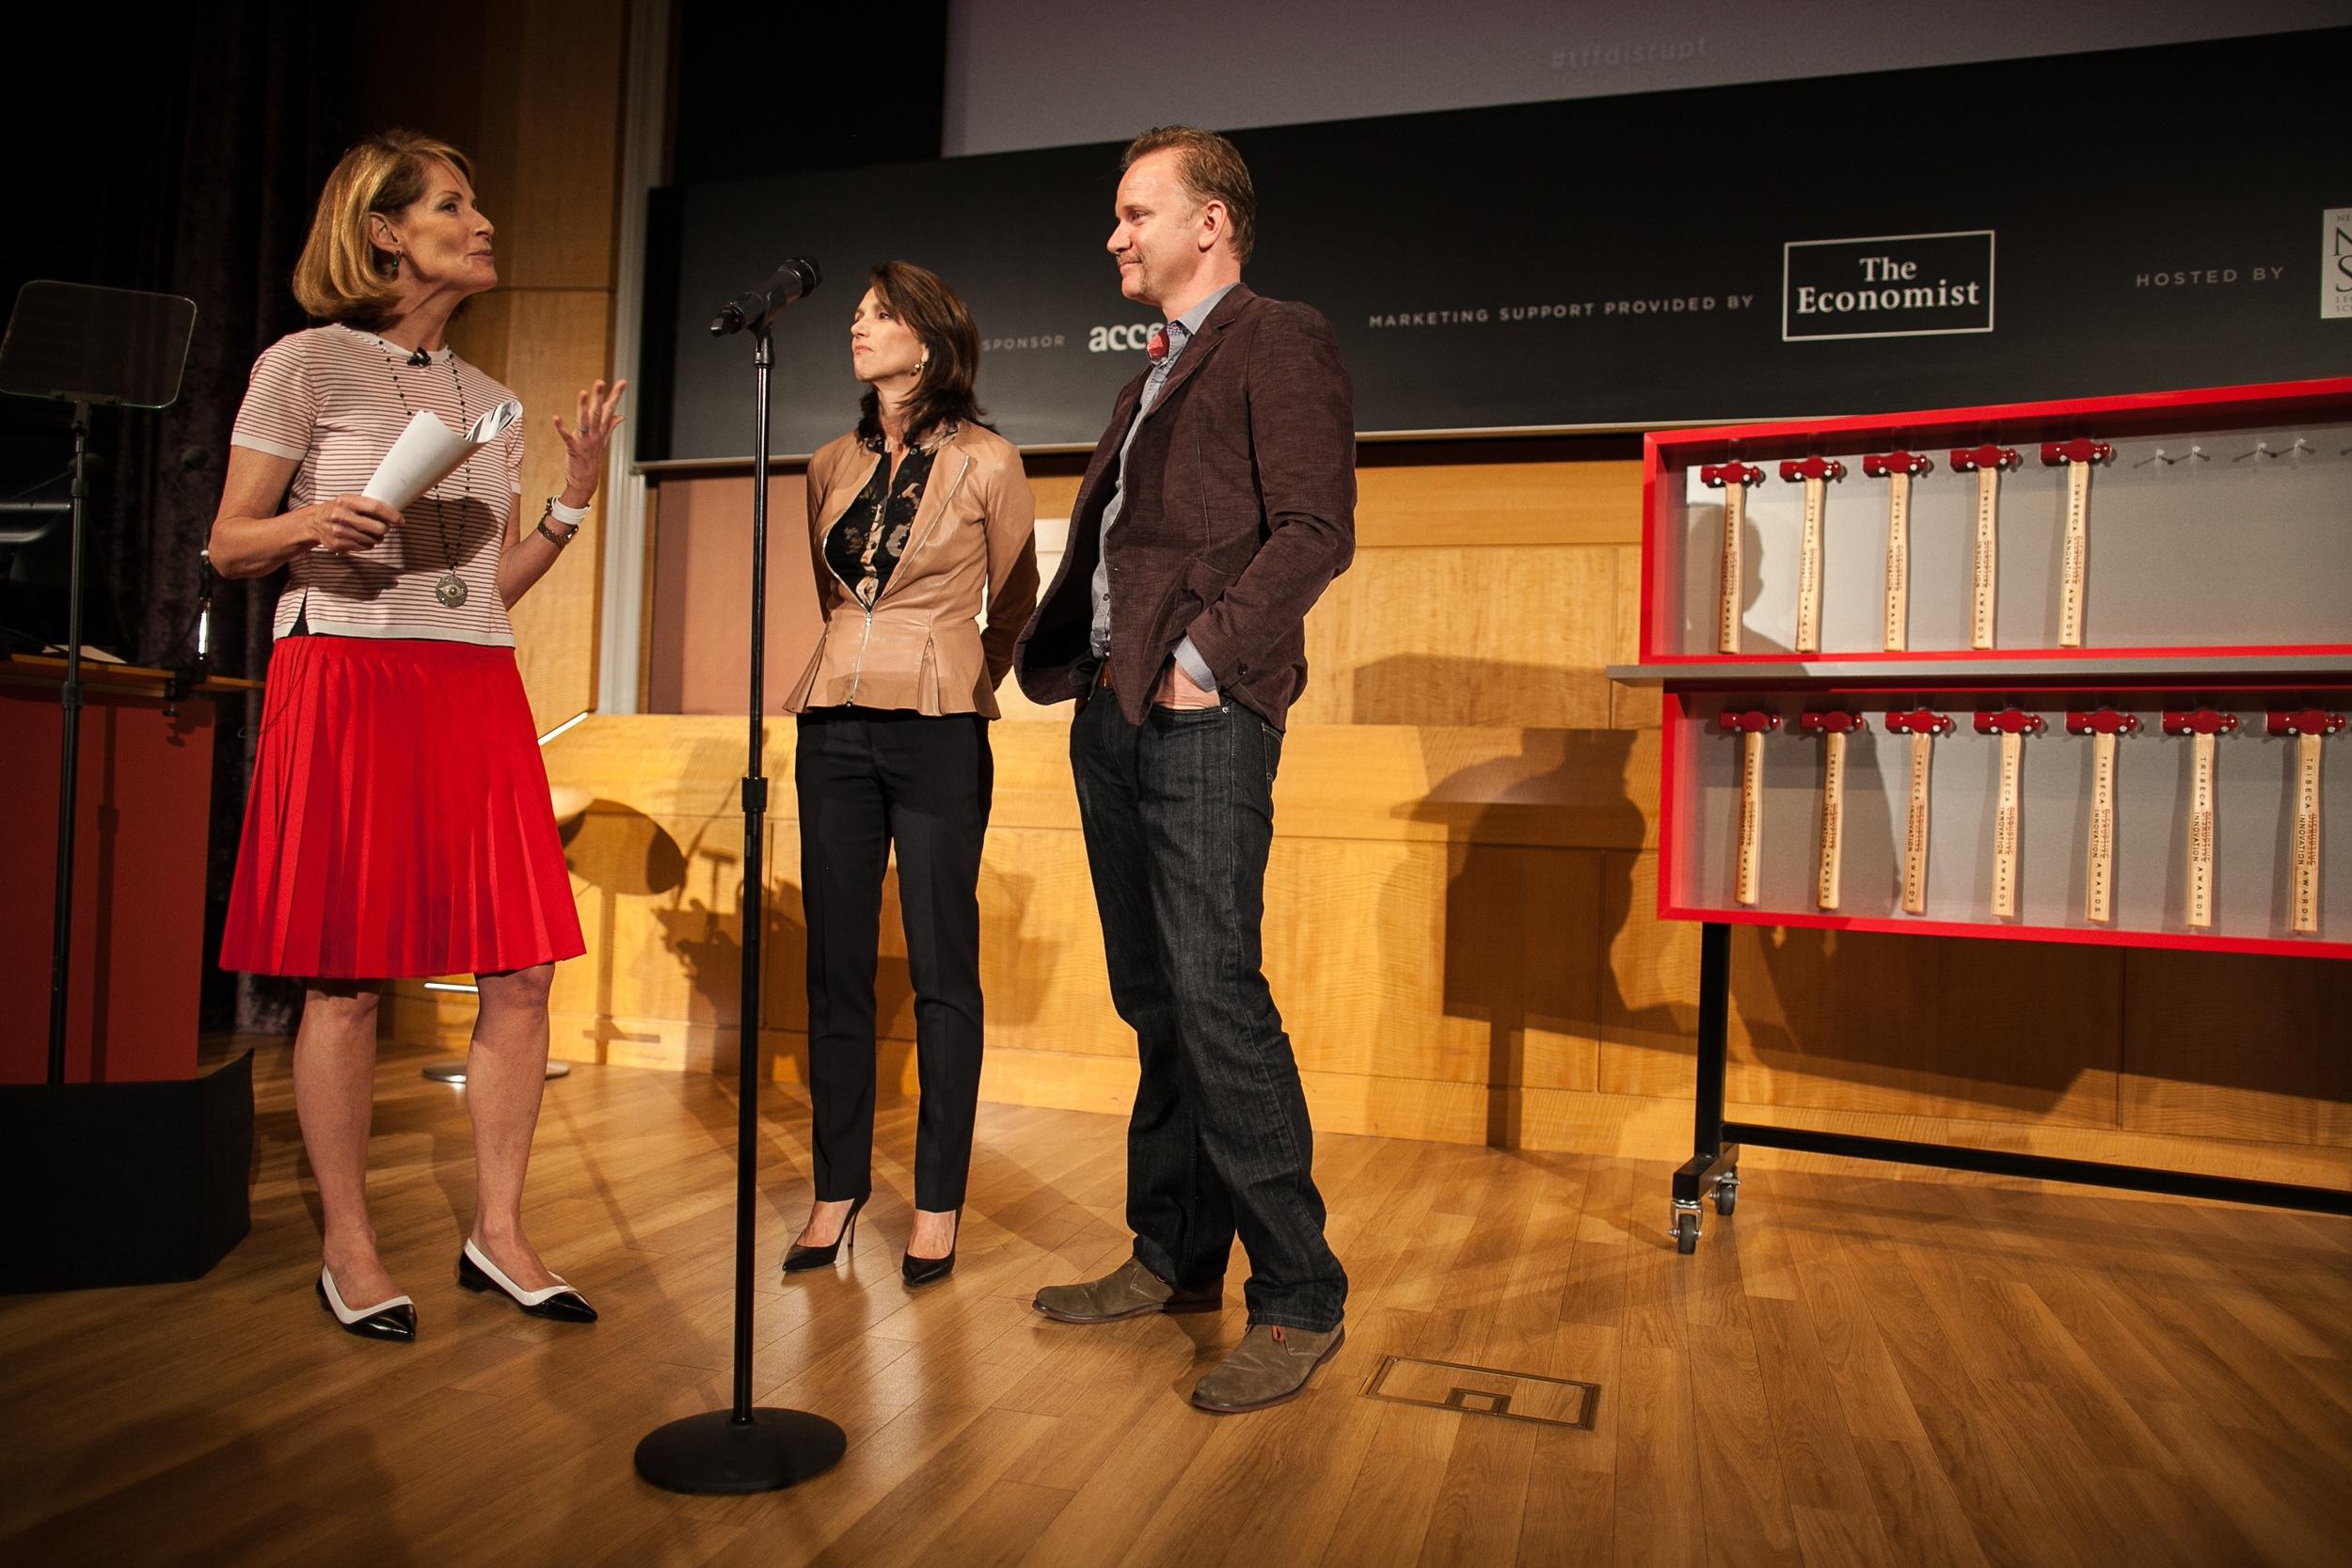 Tribeca Disruptive Innovation Awards 2013 - 083.jpg